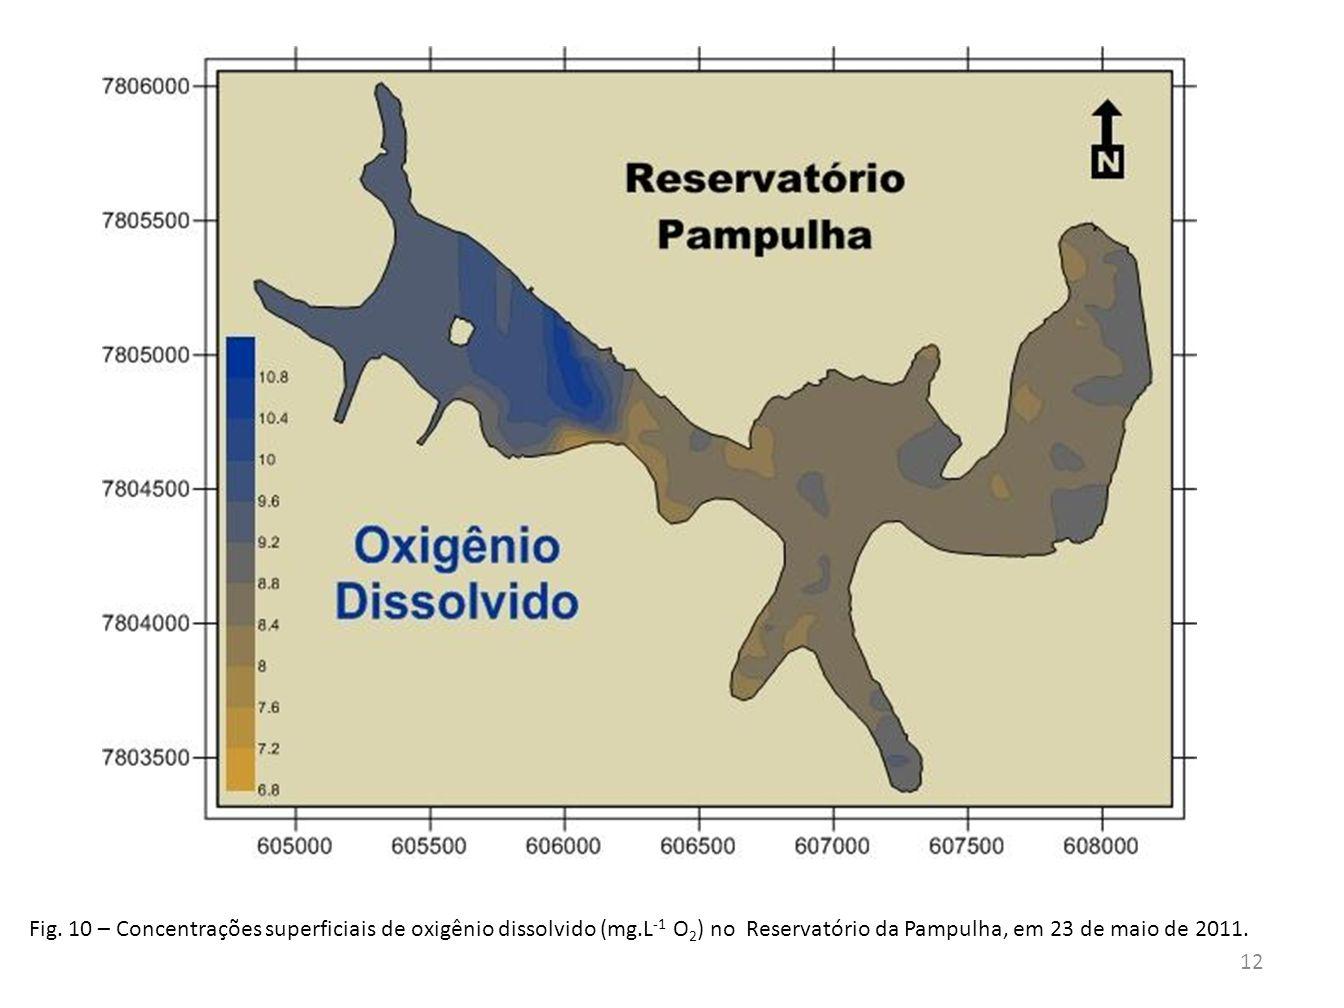 Fig. 10 – Concentrações superficiais de oxigênio dissolvido (mg.L -1 O 2 ) no Reservatório da Pampulha, em 23 de maio de 2011. 12